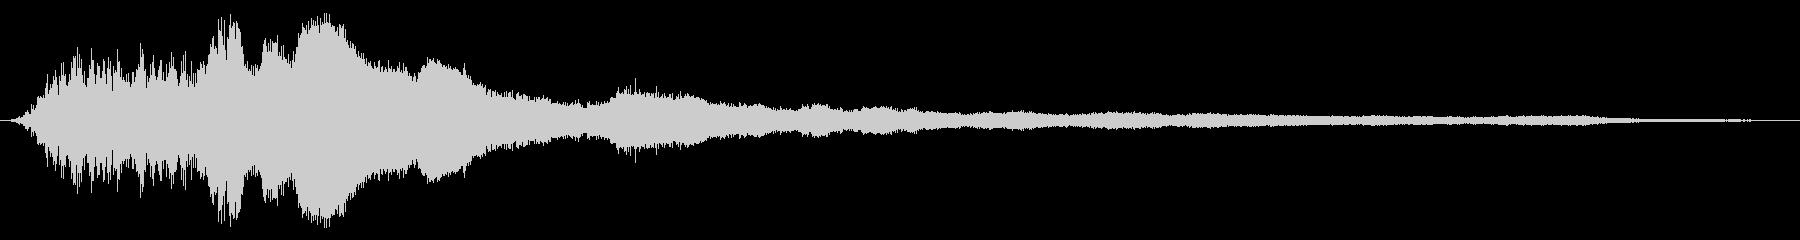 内線:アイドル、低速で後方から引き離すの未再生の波形